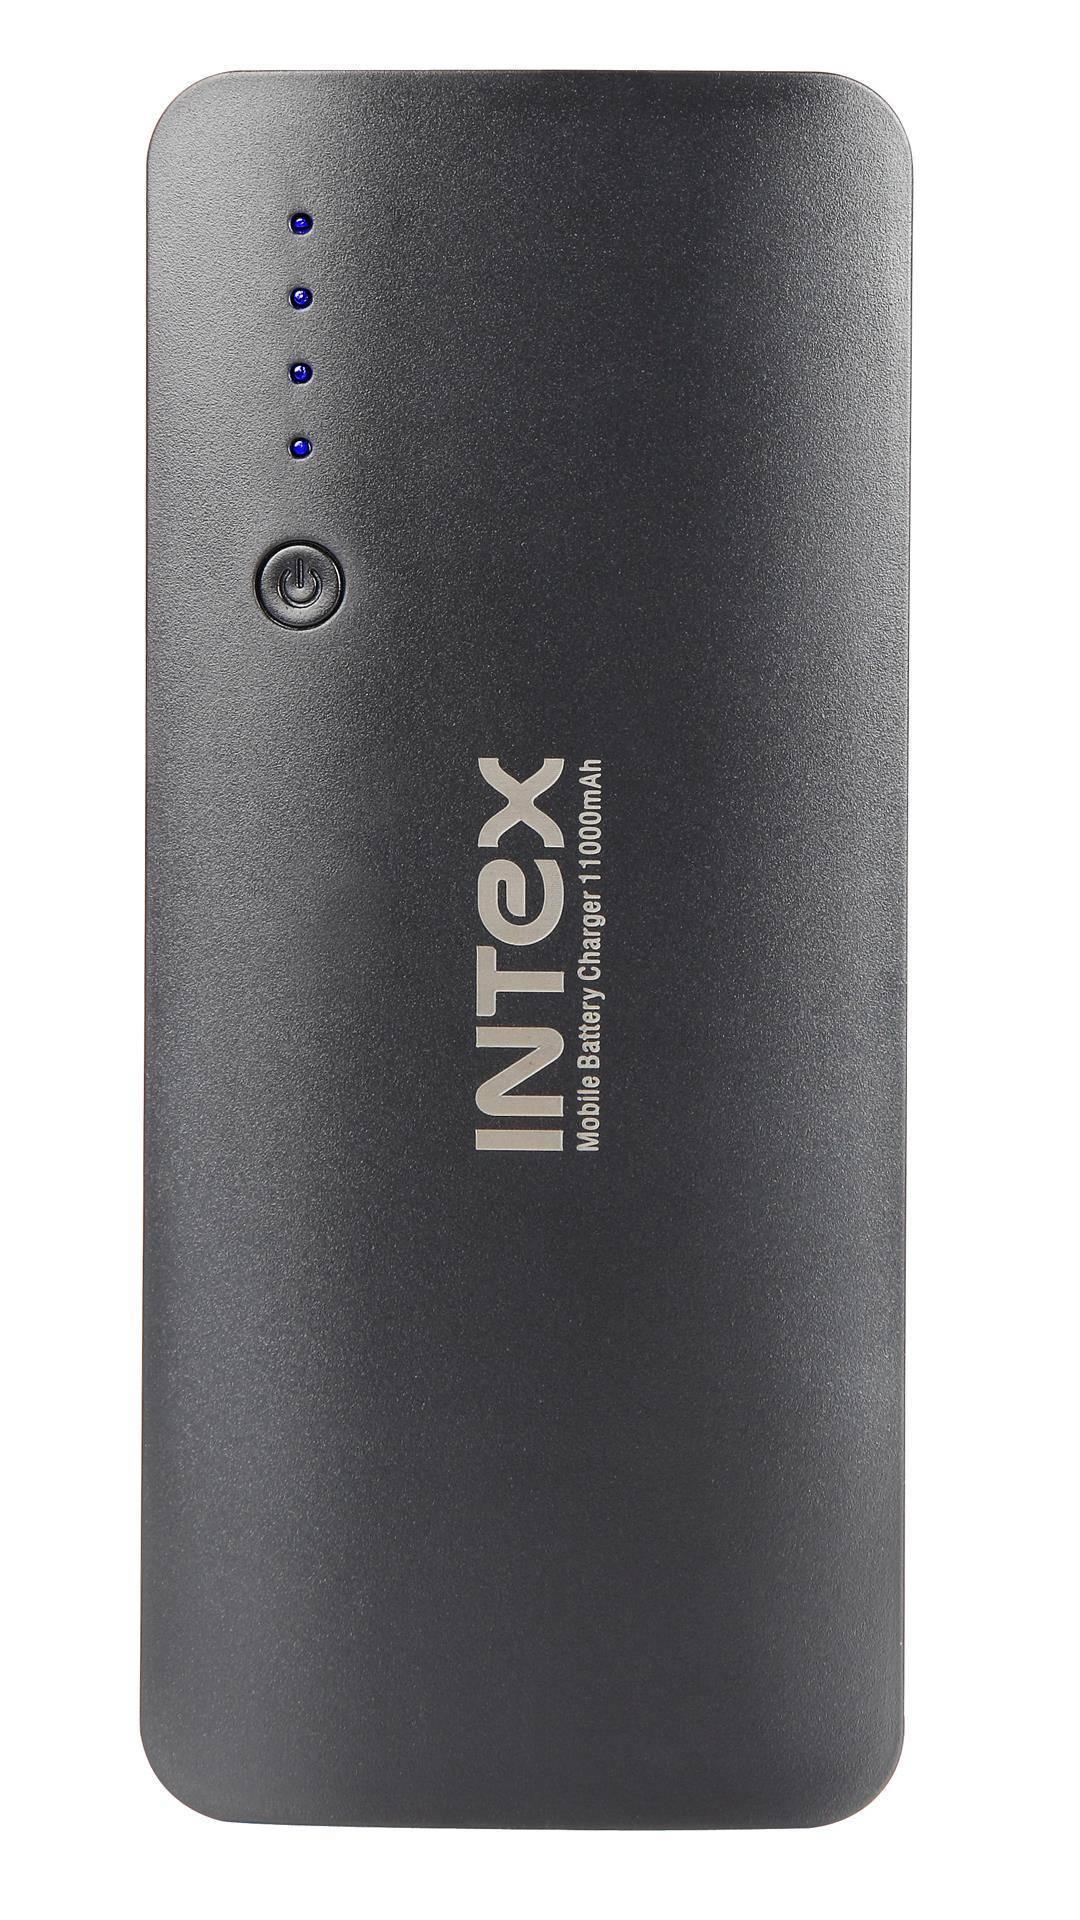 Intex IT-PB11K  Portable 11000 mAh Power Bank (Black)